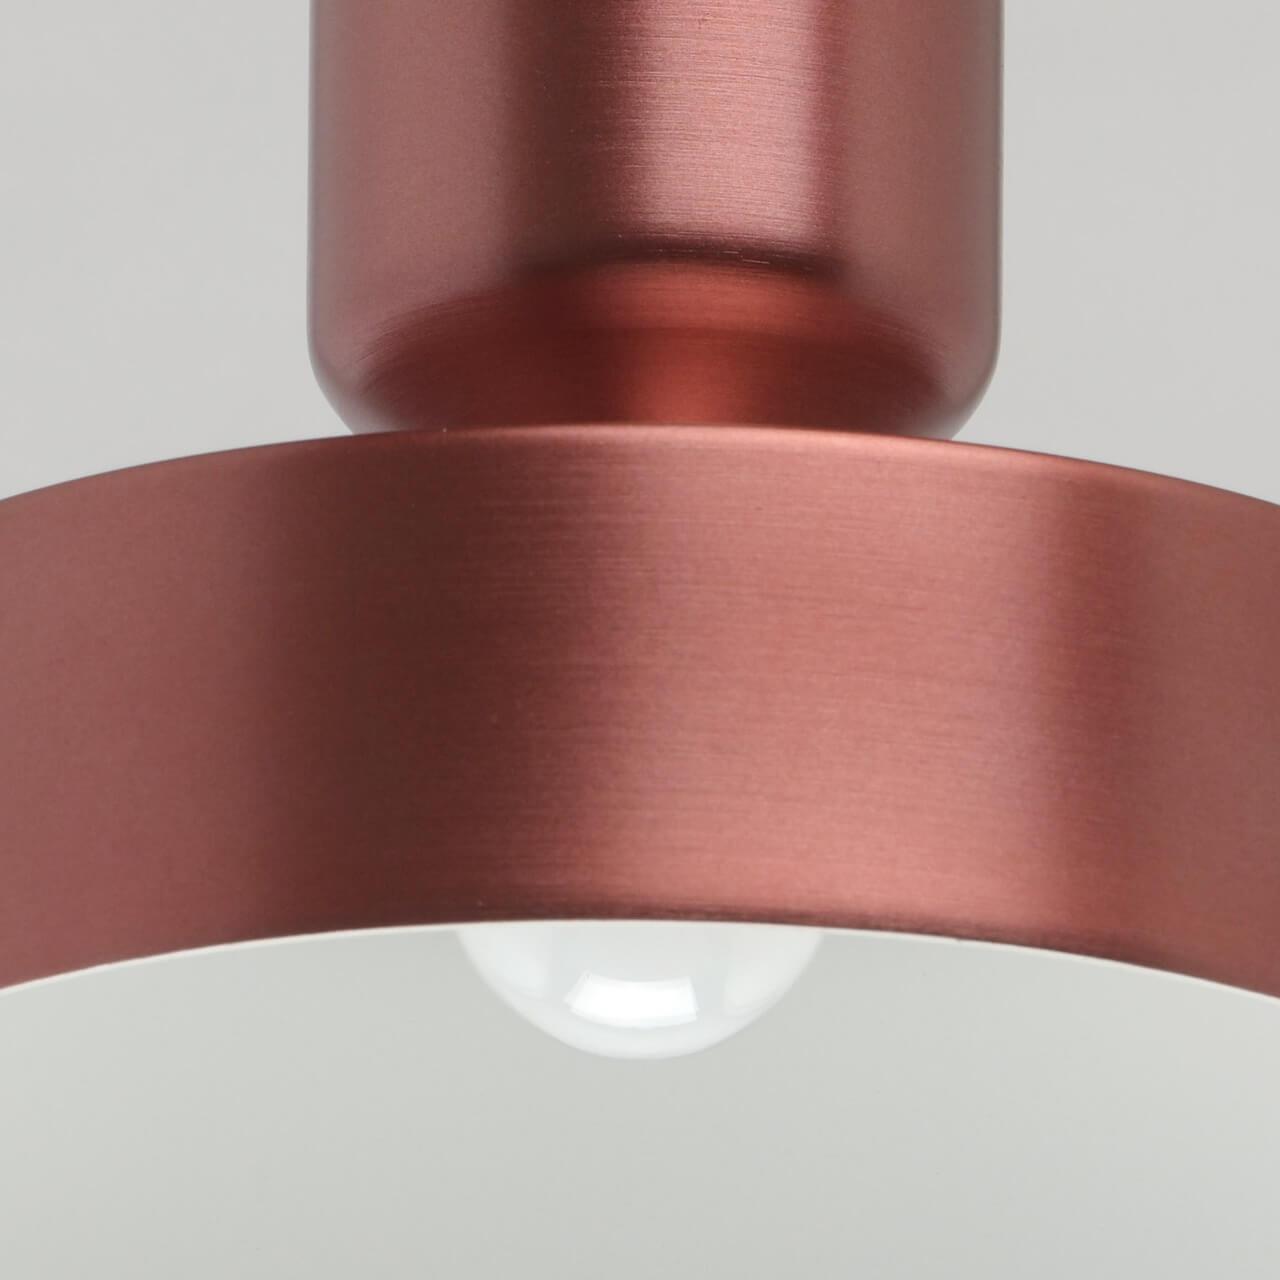 Подвесной светильник MW-Light Элвис 2 715010501 подвесной светильник mw light элвис 2 715010601